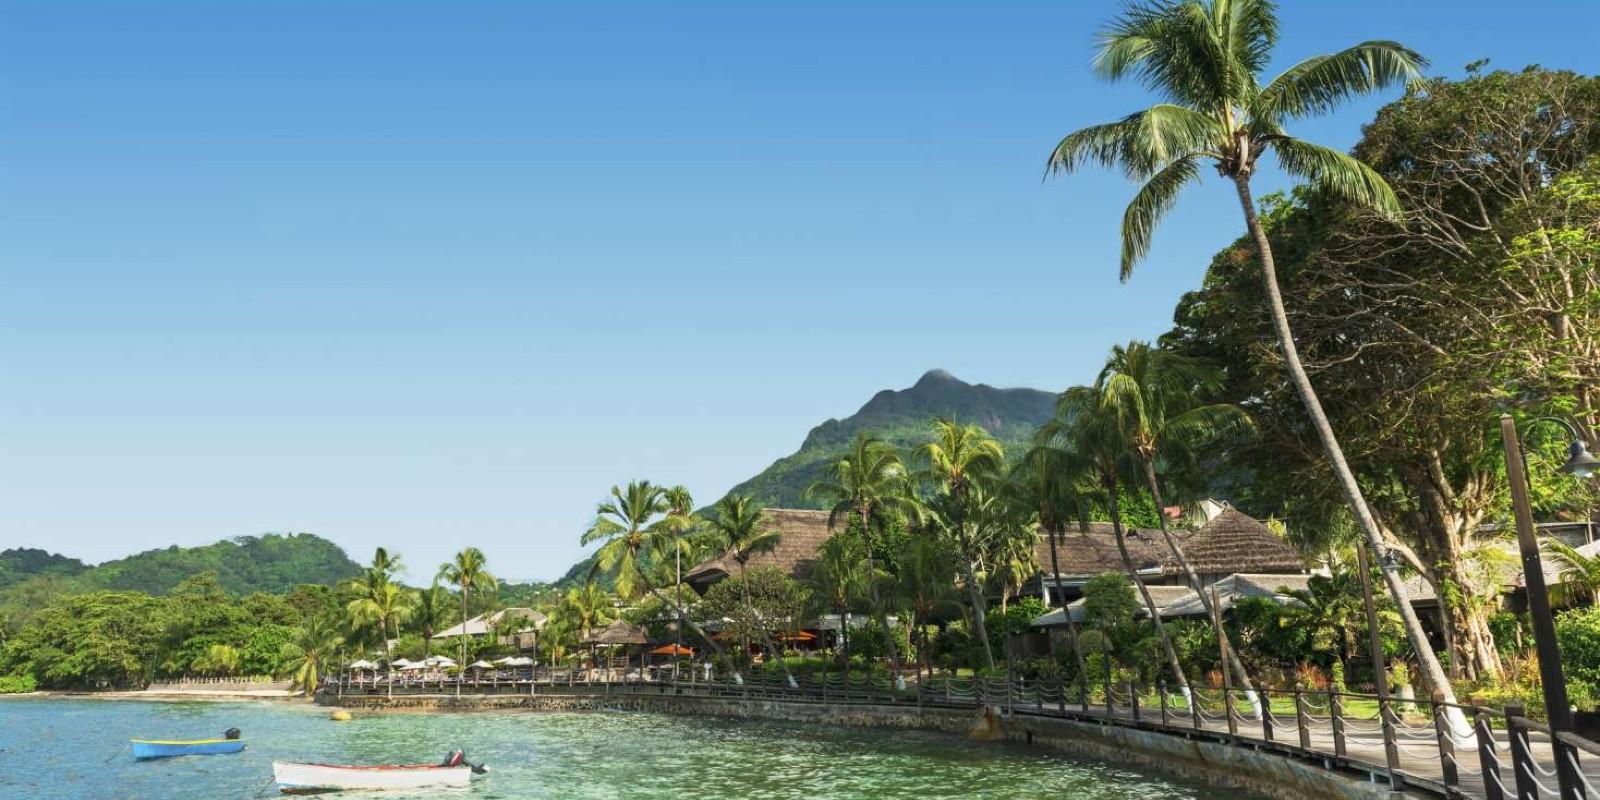 Introducing Fisherman's Cove Resort